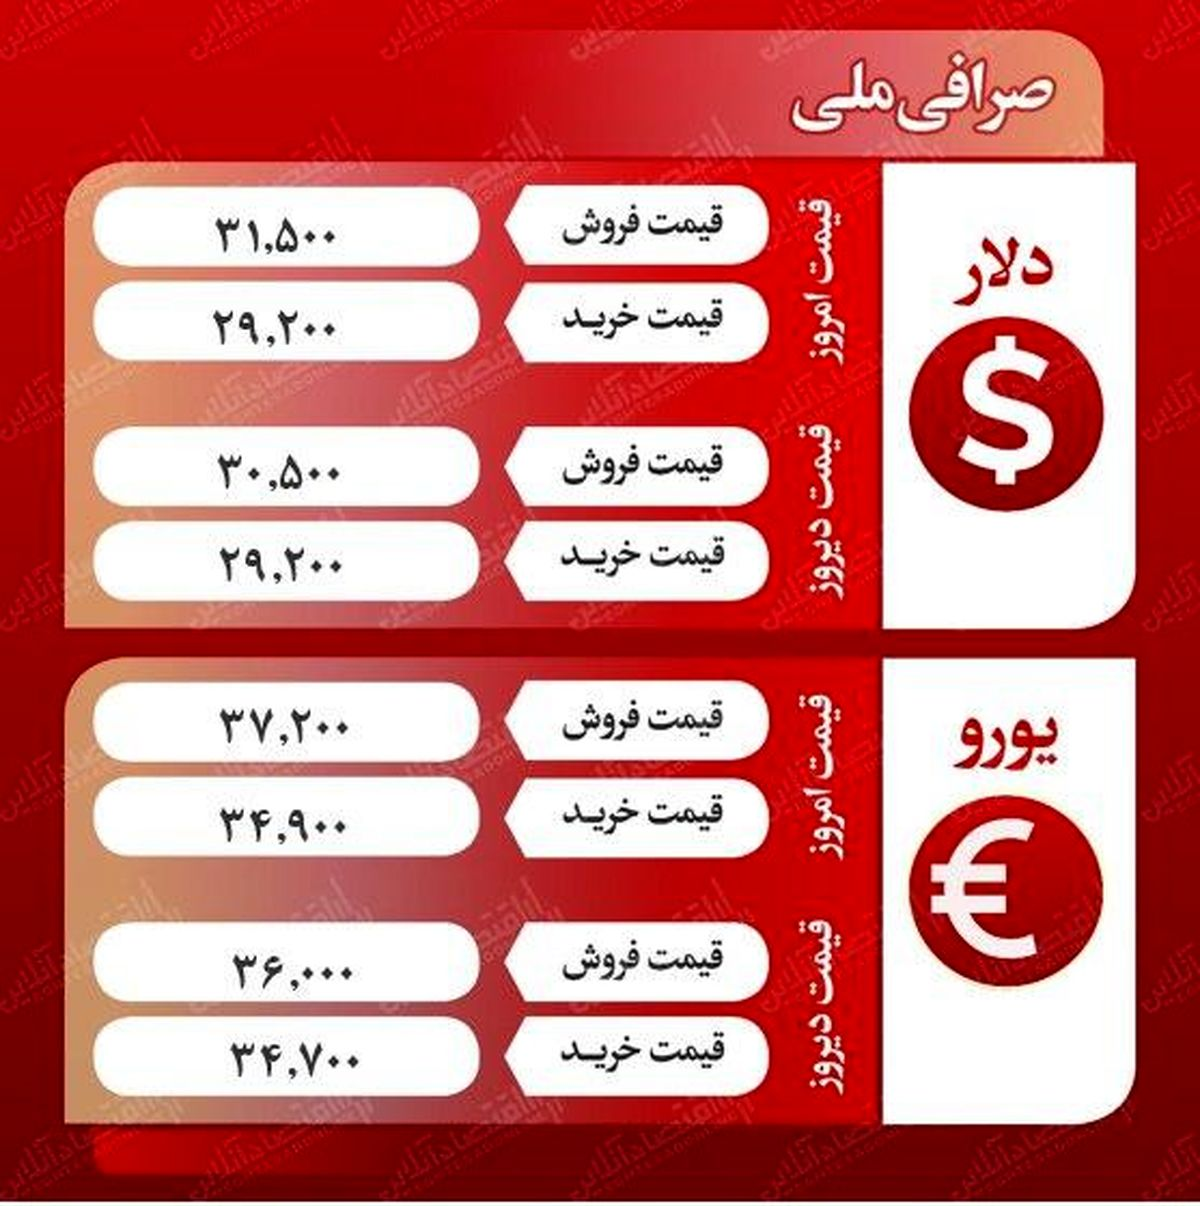 دلار صرافی ملی چند؟ (۱۳۹۹/۷/۲۲)